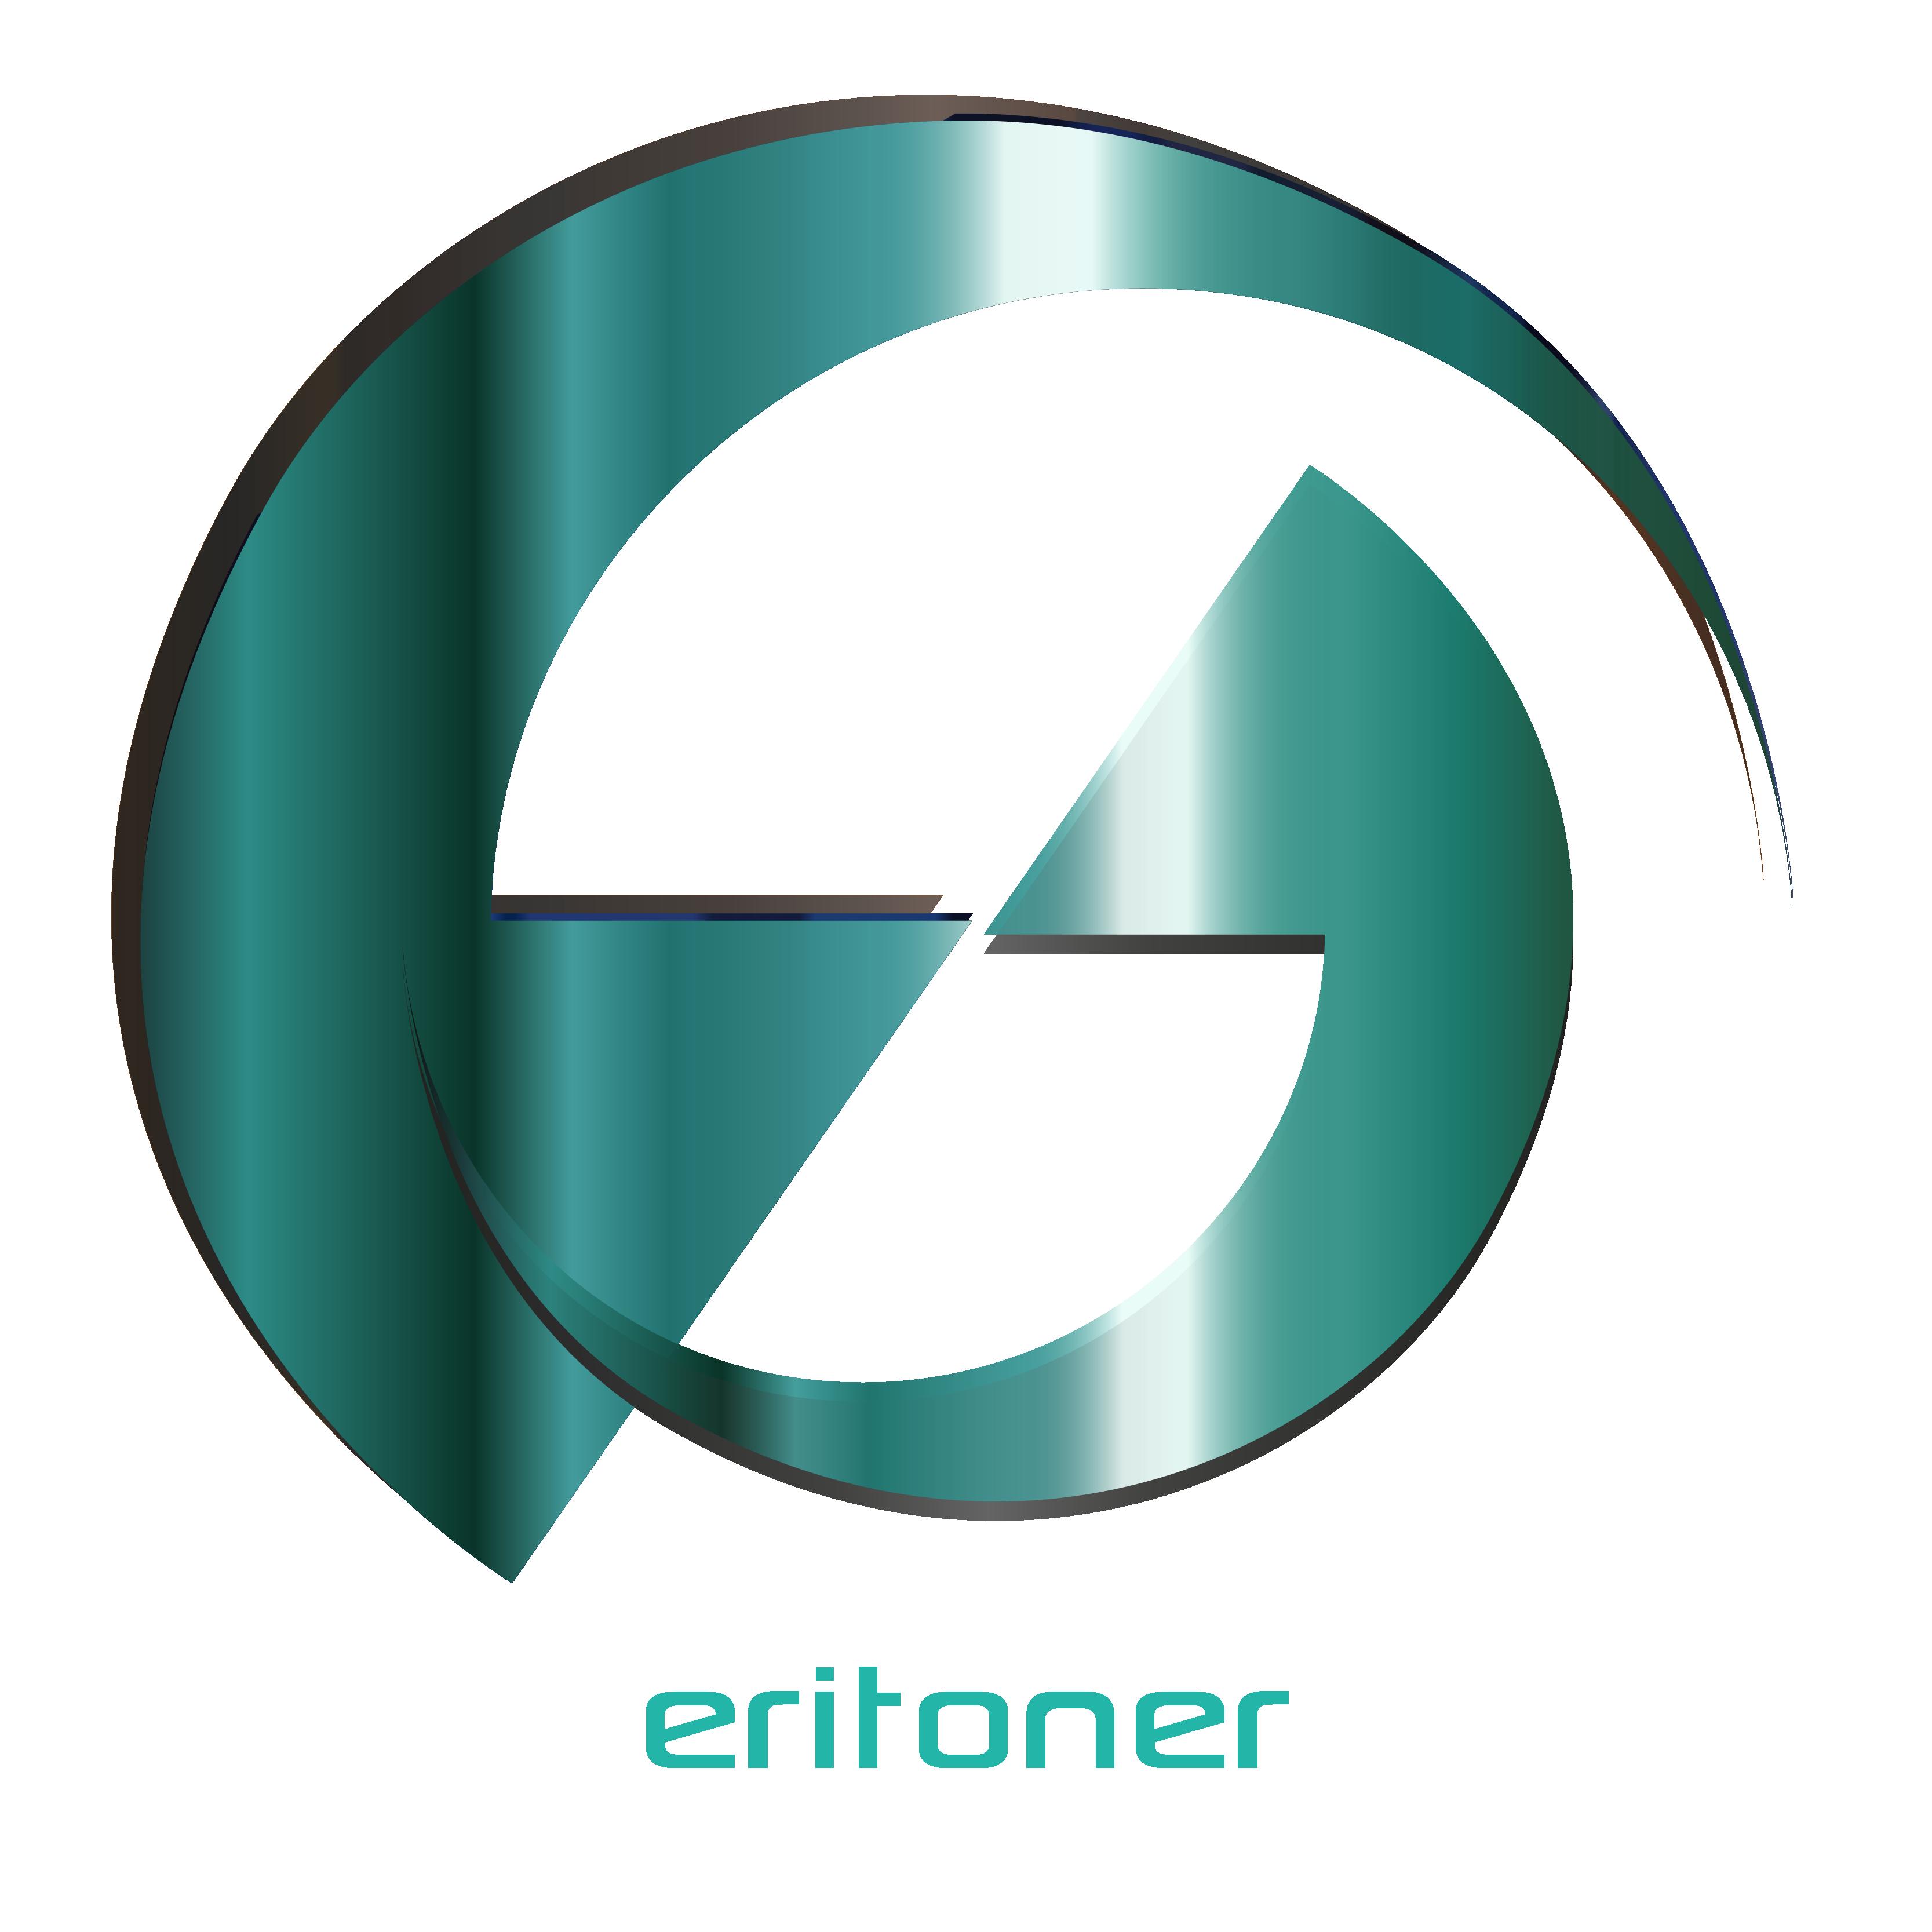 Eritoner-01